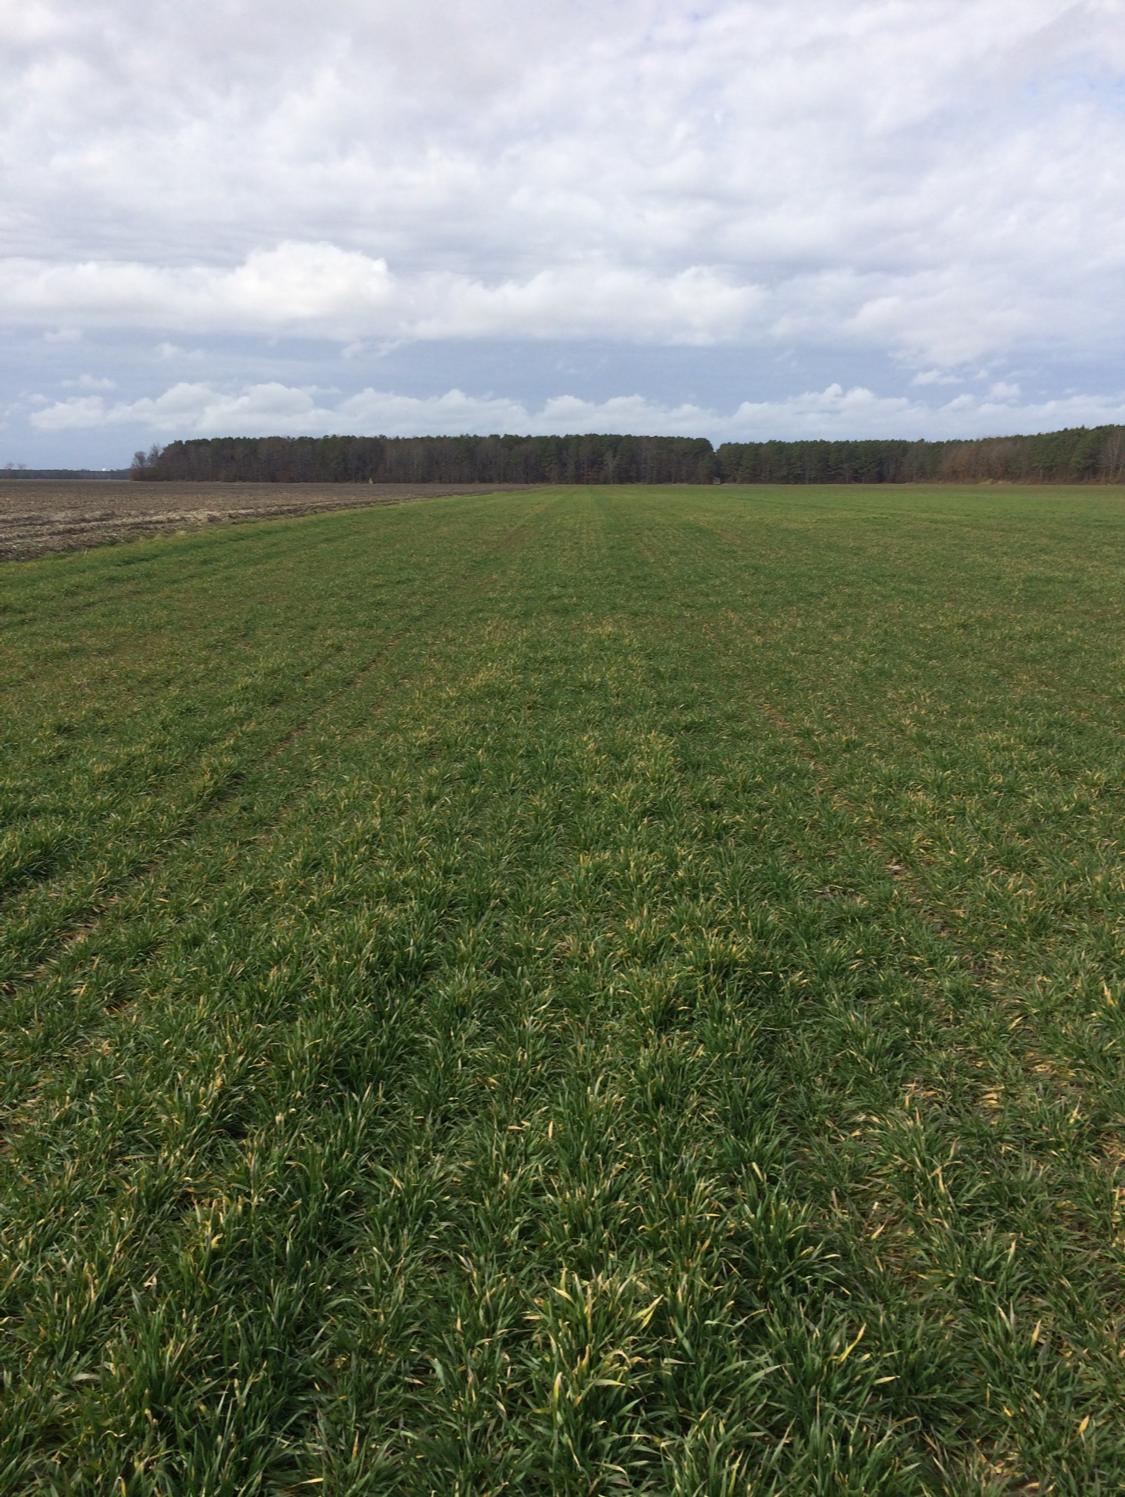 wheat field in February